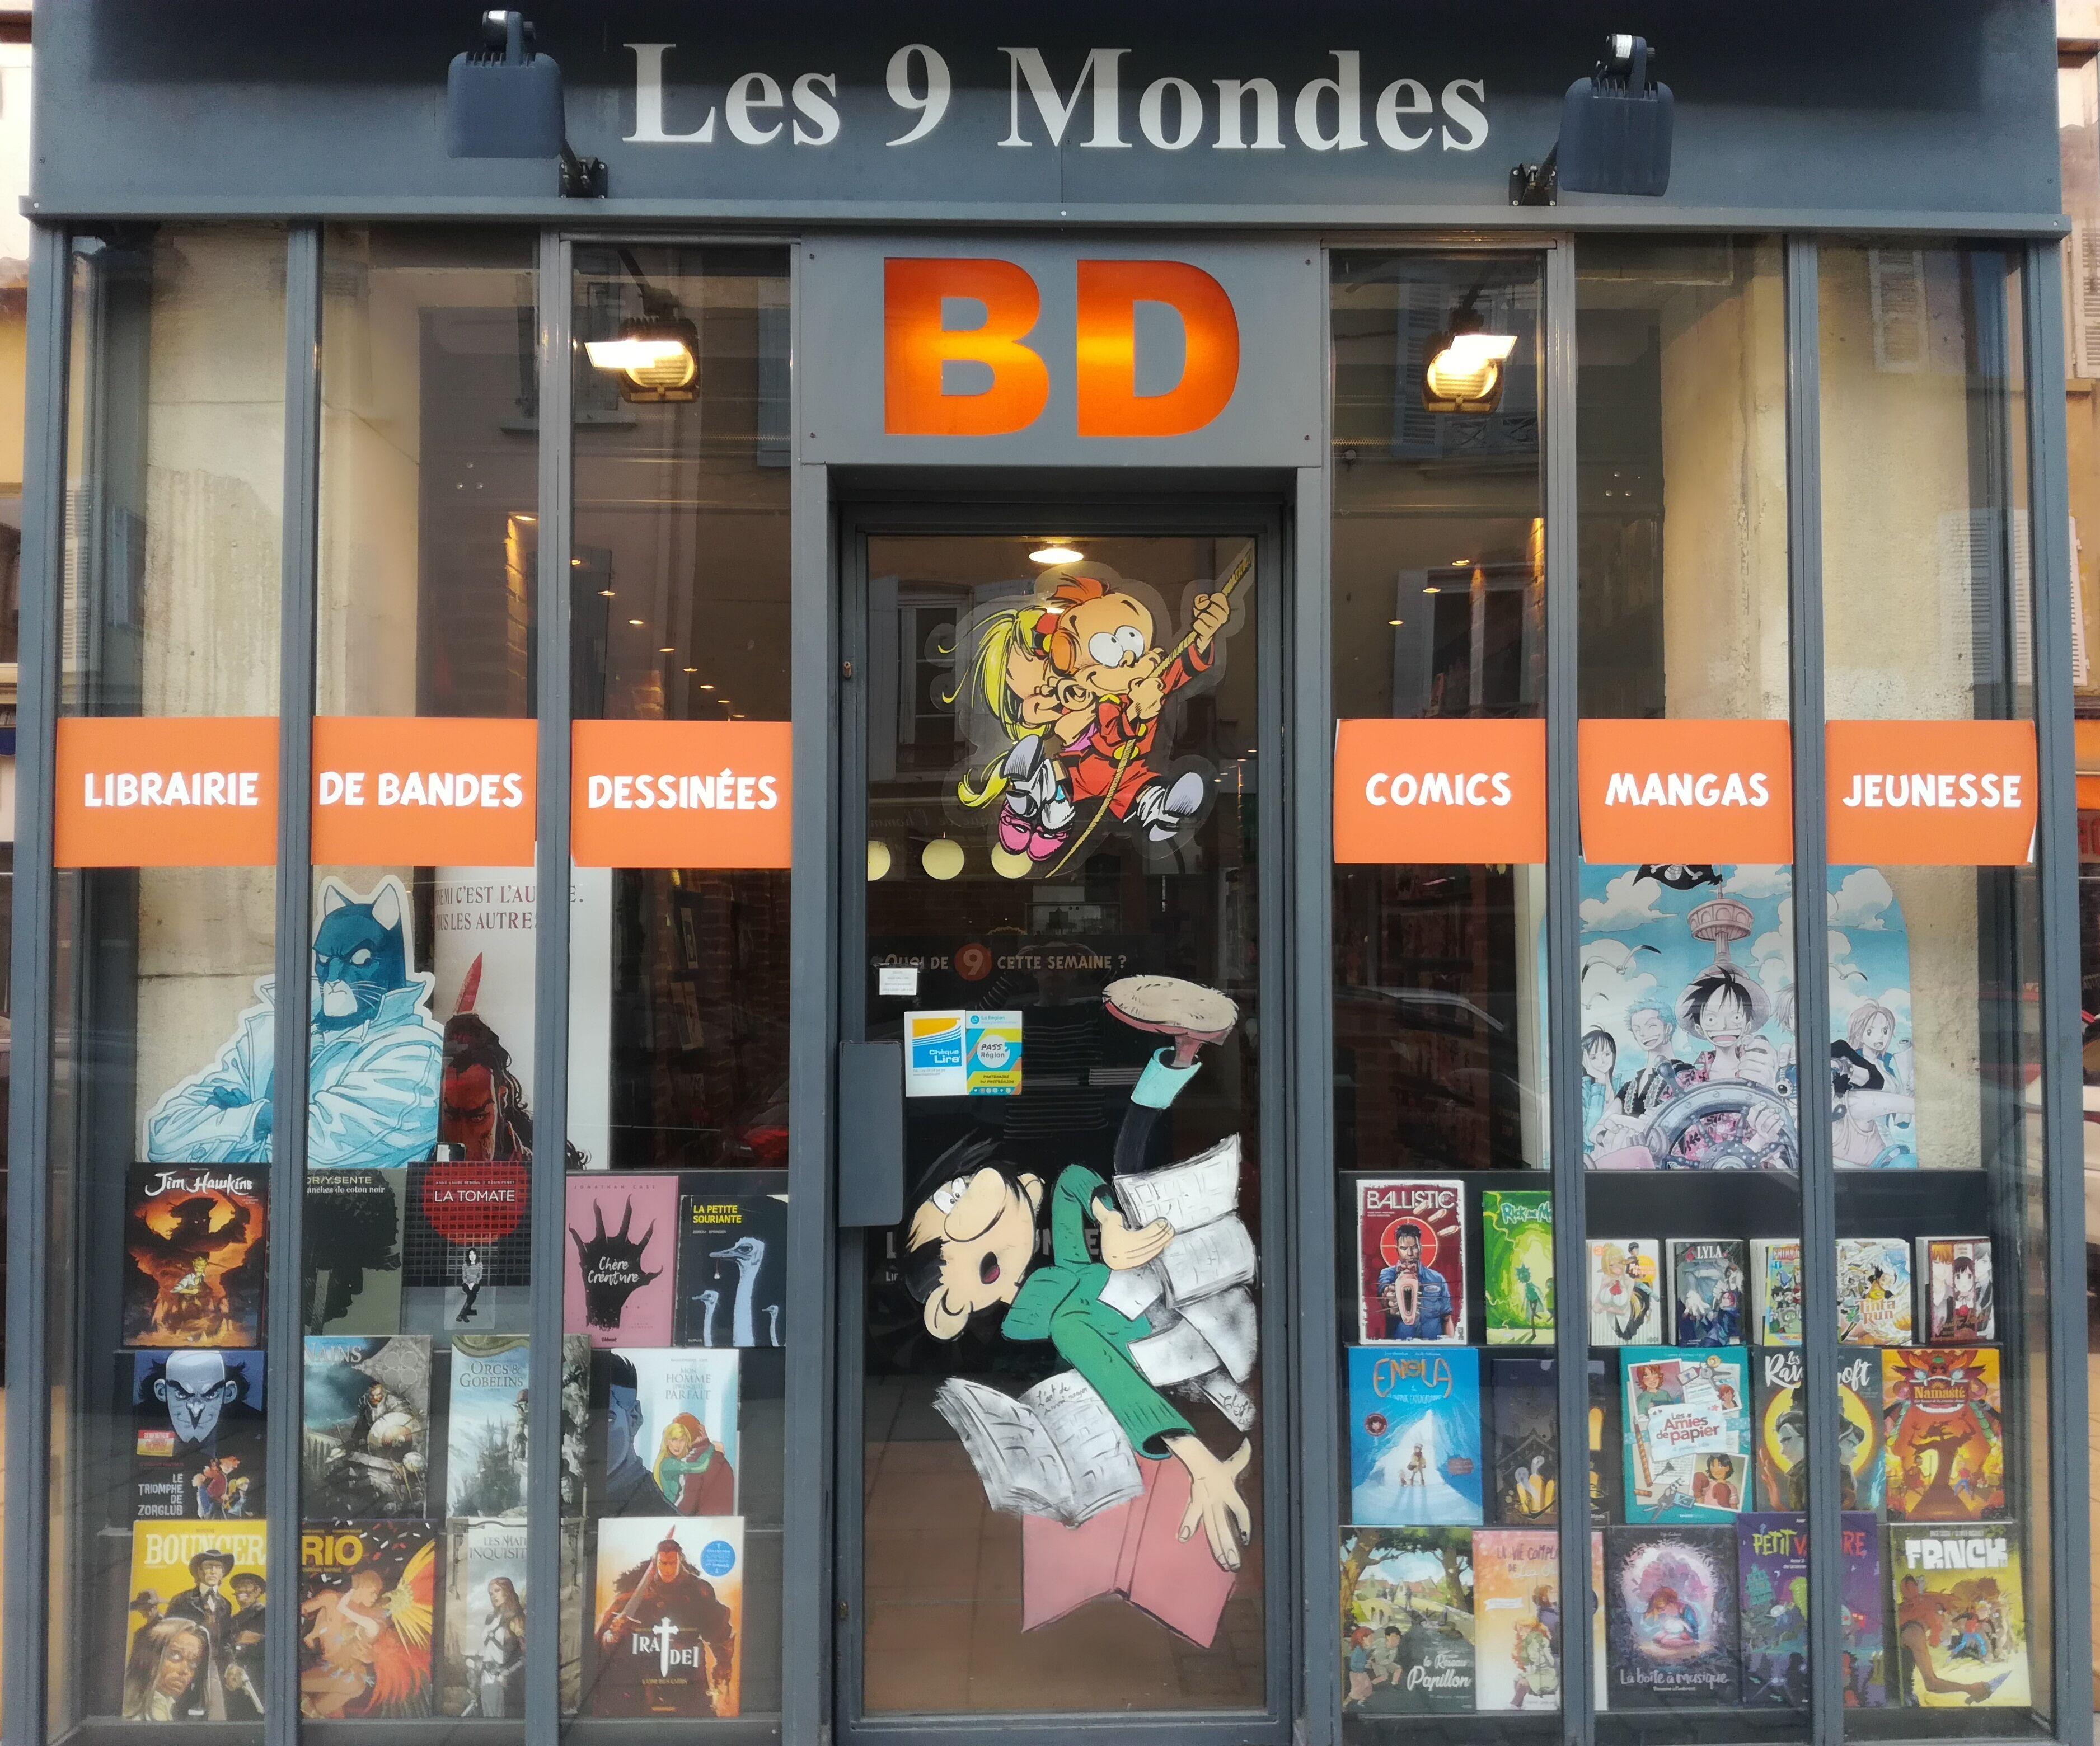 Librairie manga - Les 9 Mondes